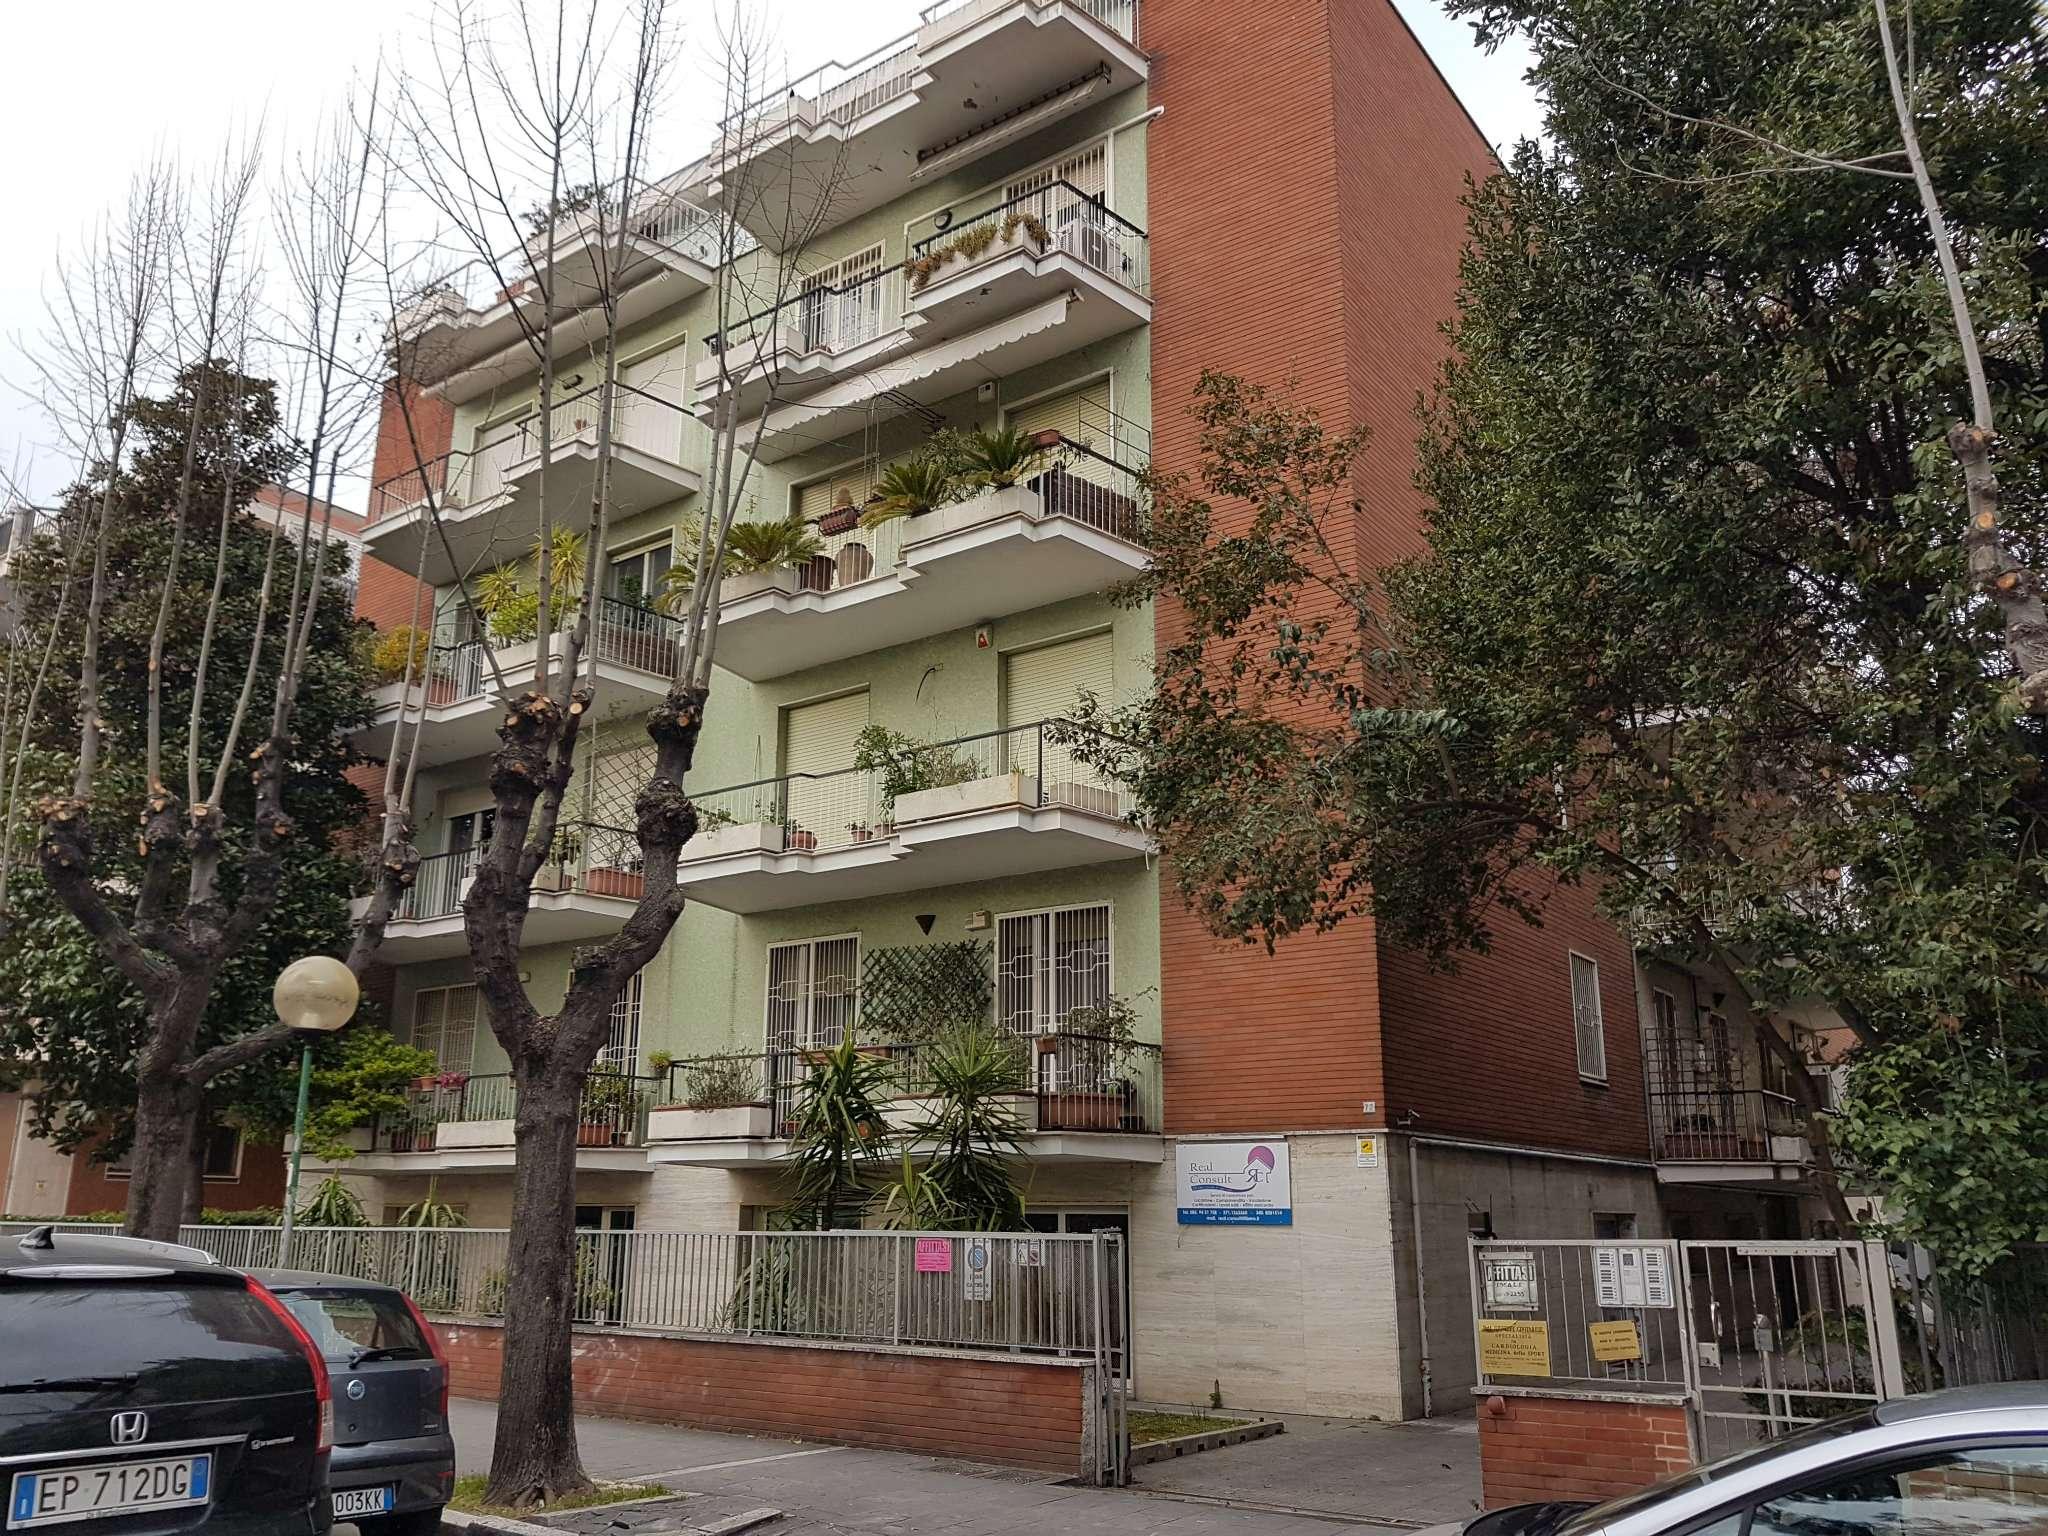 Ufficio / Studio in affitto a Pescara, 3 locali, prezzo € 500   Cambio Casa.it